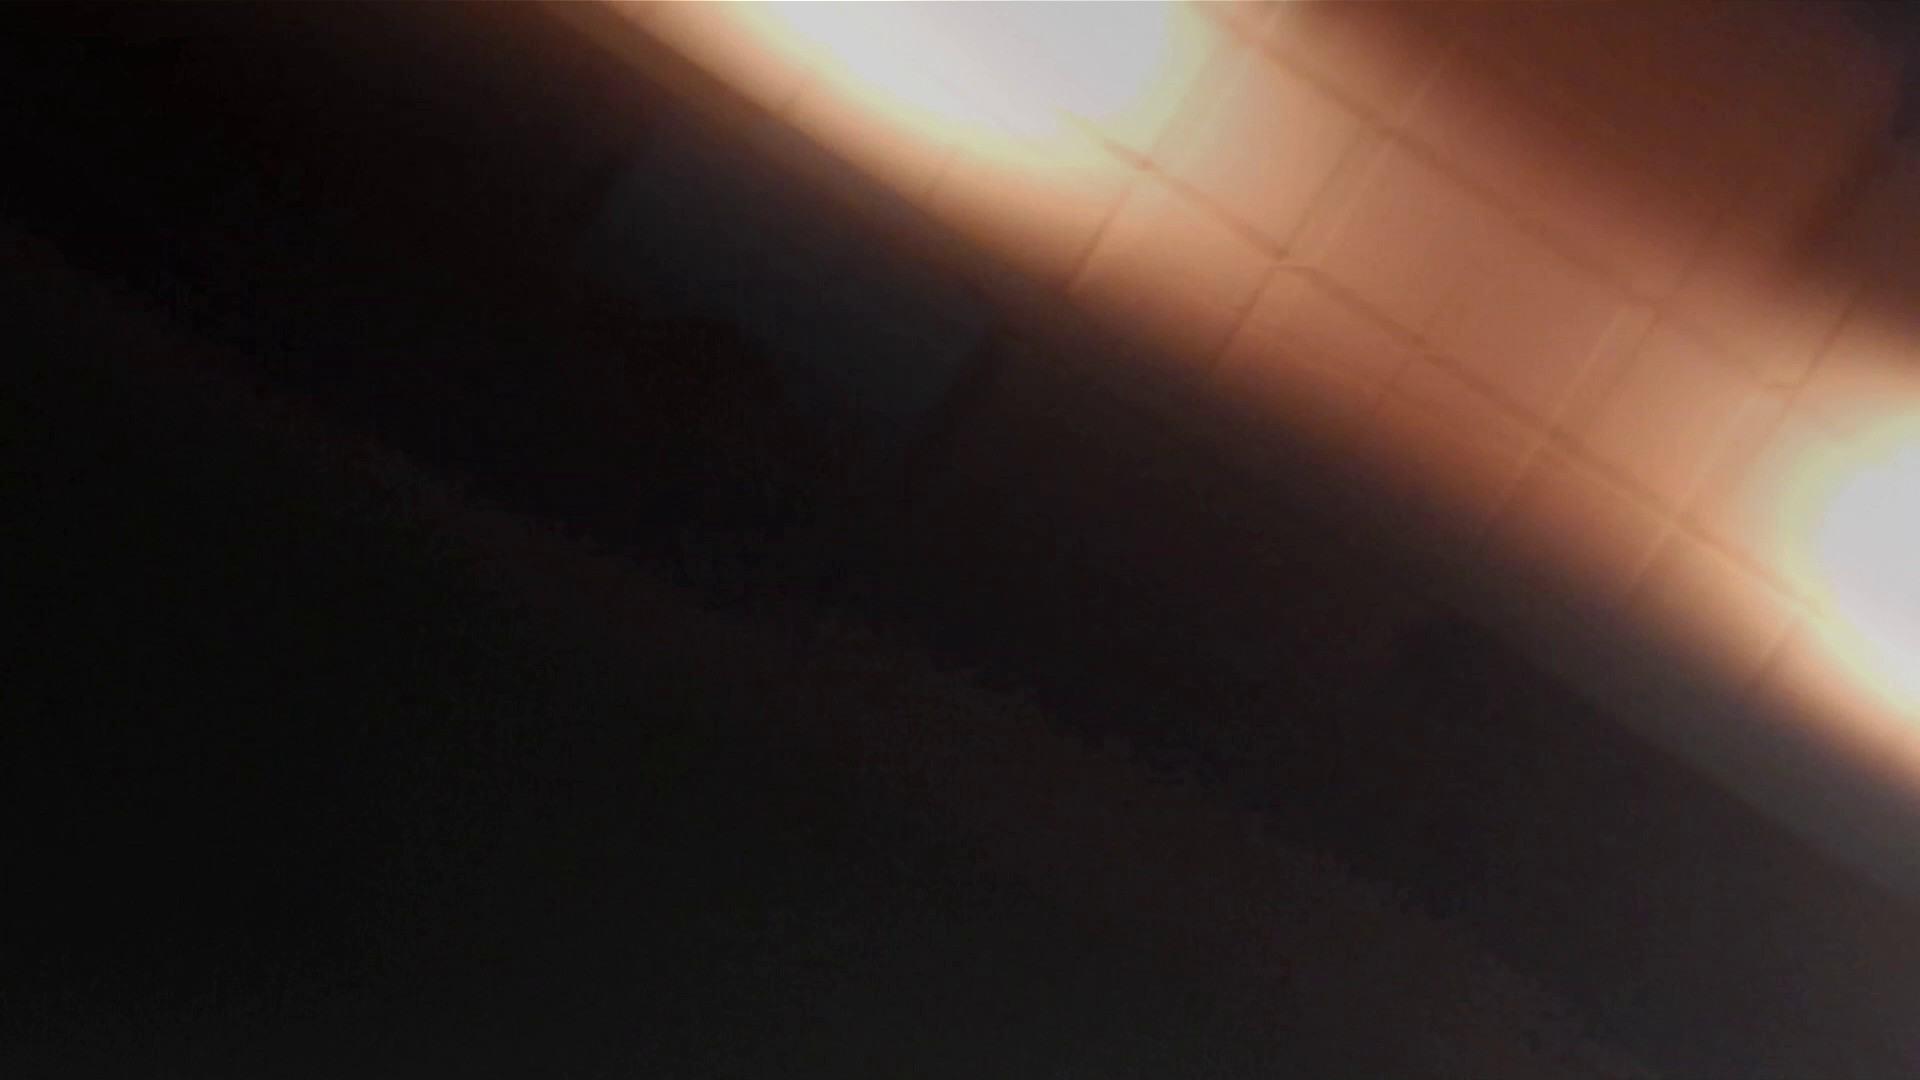 ▲復活限定▲マンコ丸見え!花火大会潜入撮 Vol.03浴衣じゃないケド・・・。 丸見え  77PIX 60